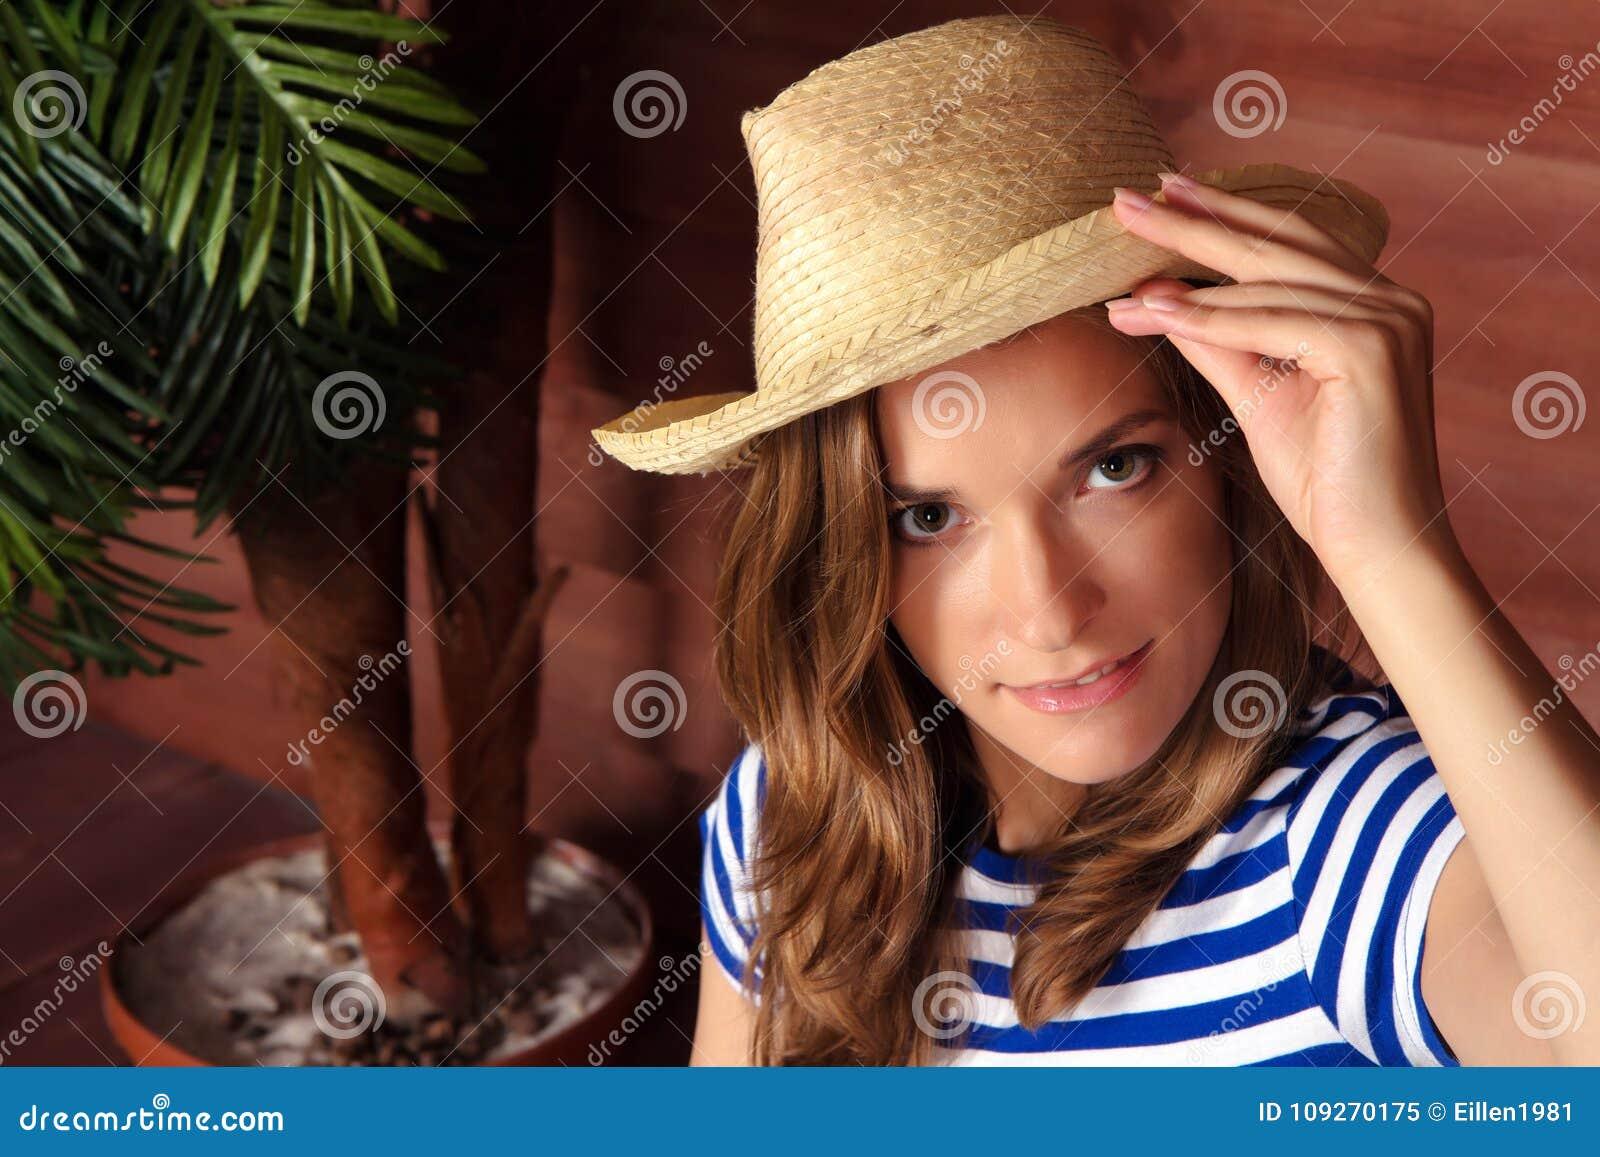 Sugrörhatt och sammanträde för blond dam hållande nära trähus i s